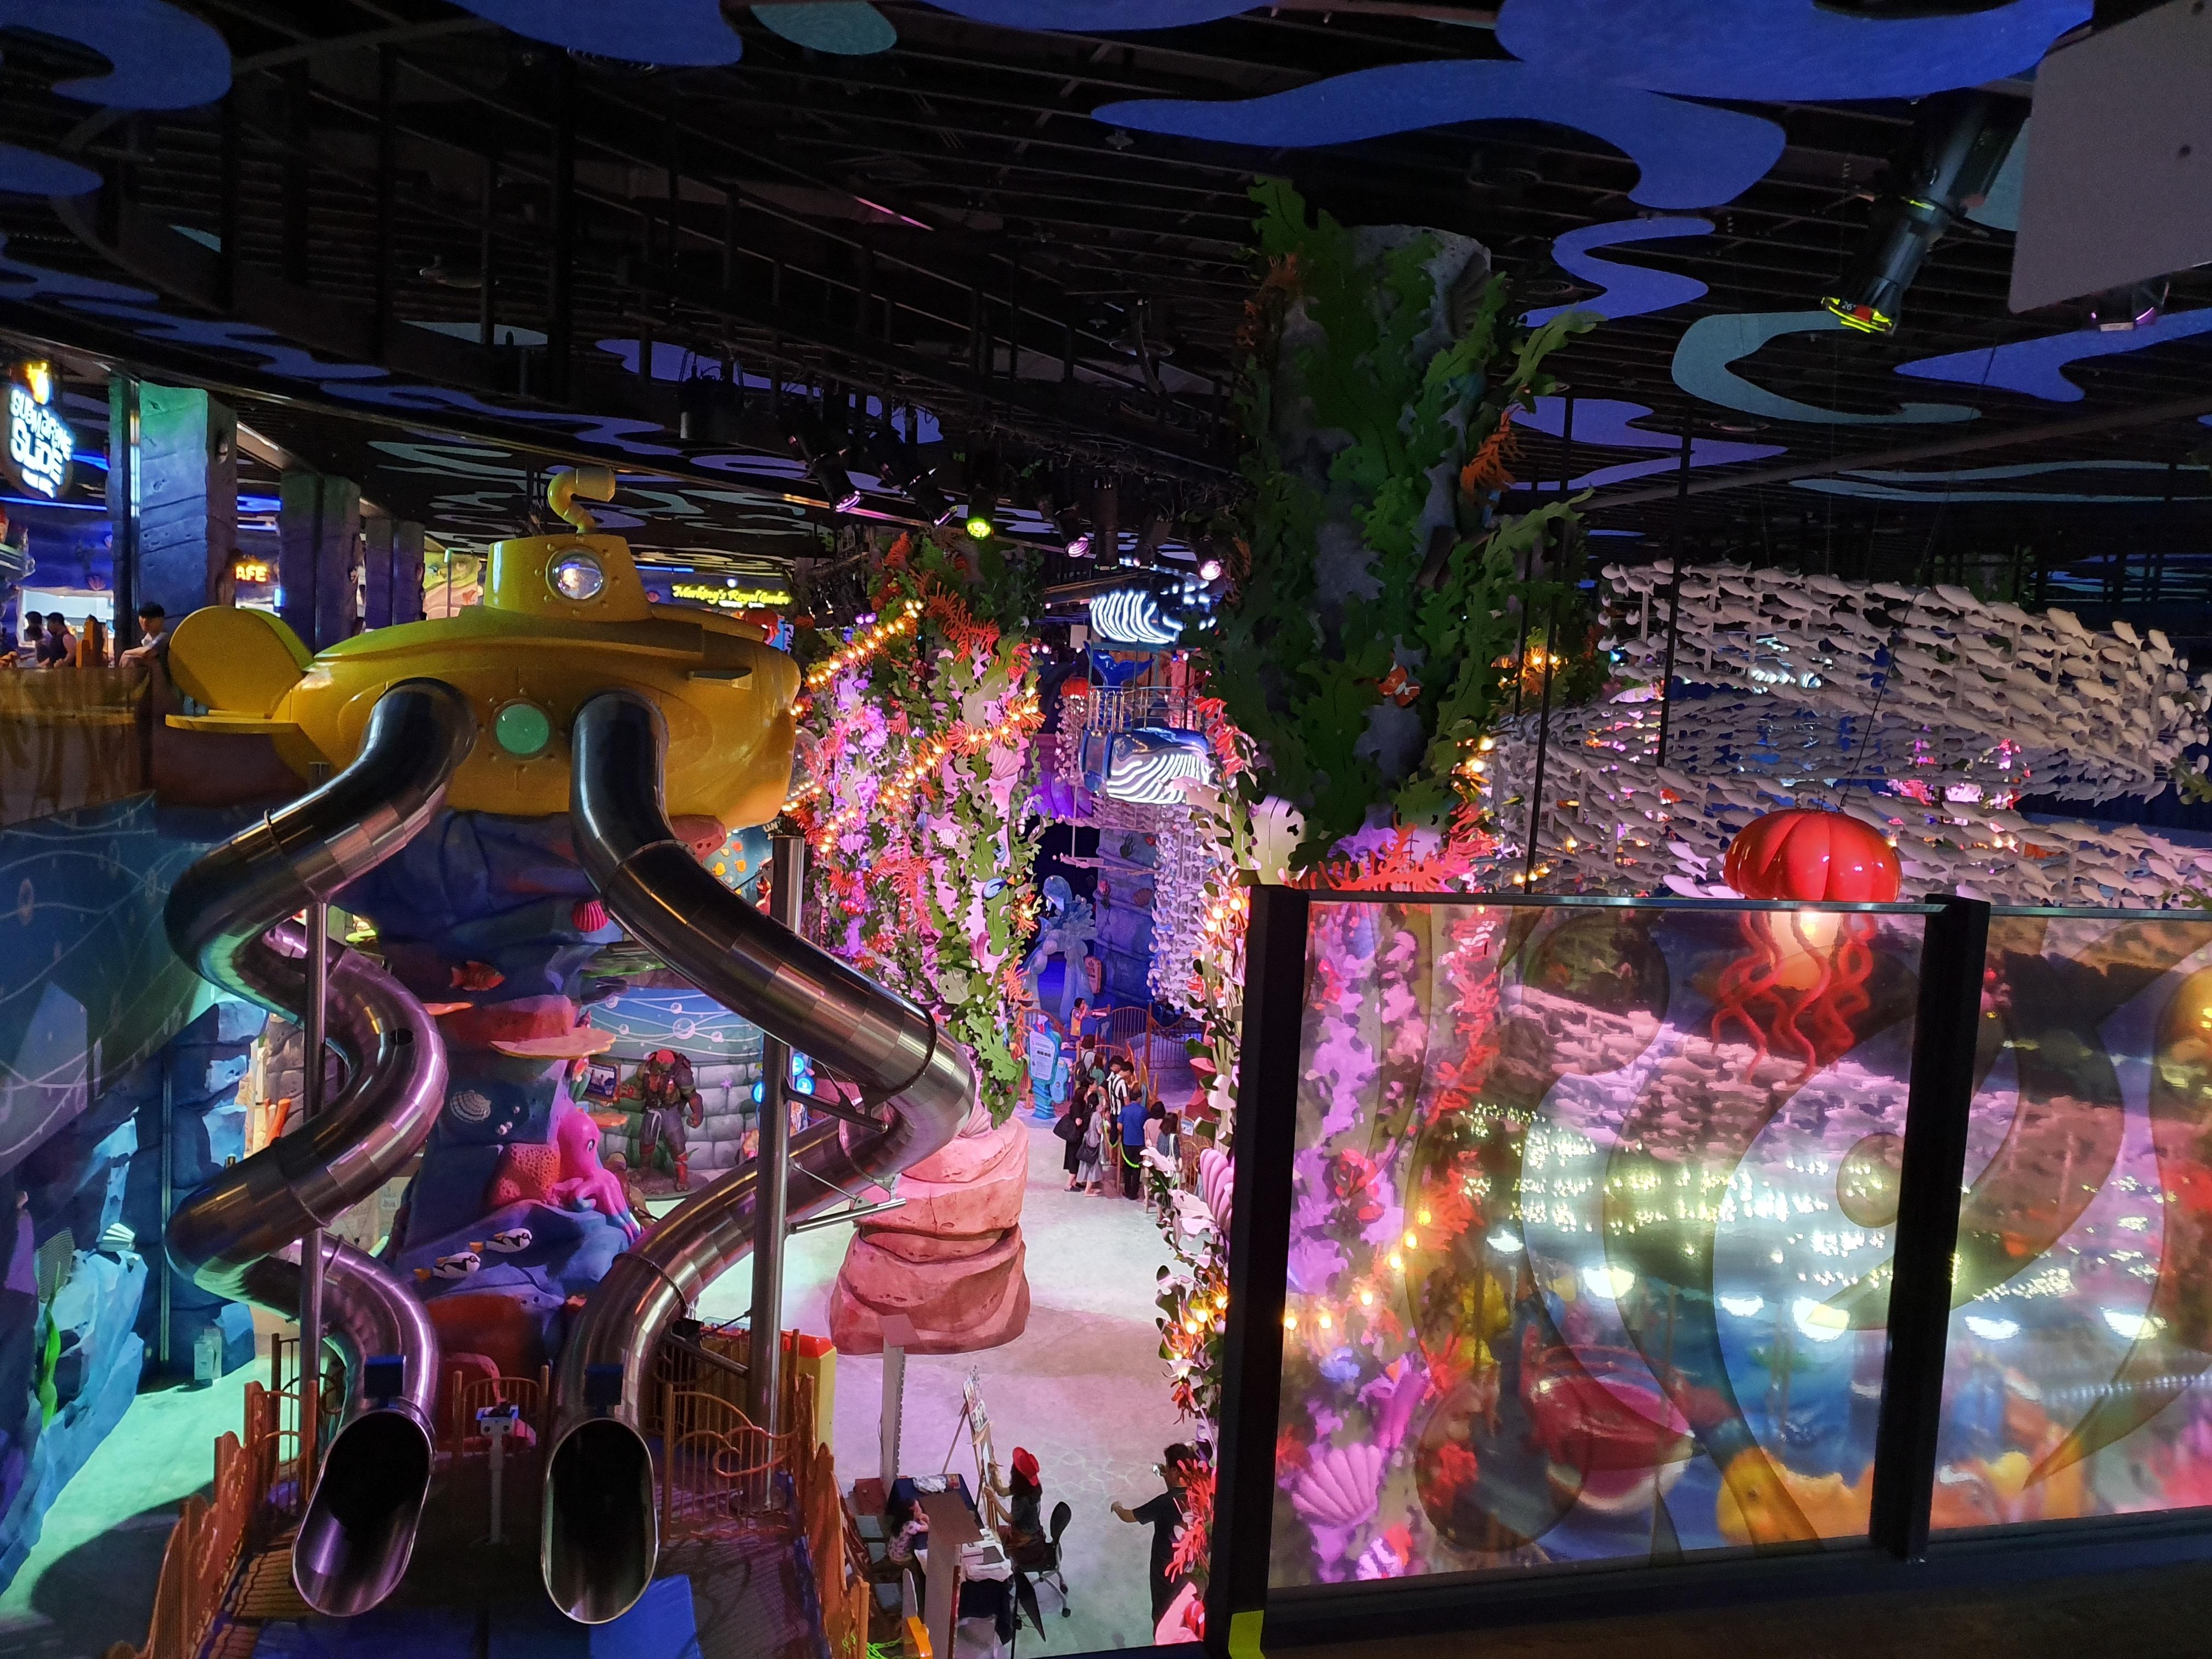 은평구 롯데몰 키즈까페-언더씨킹덤(구. 키즈파크) : 삼성카드 2만원(어른1+어린이1) 할인 방문